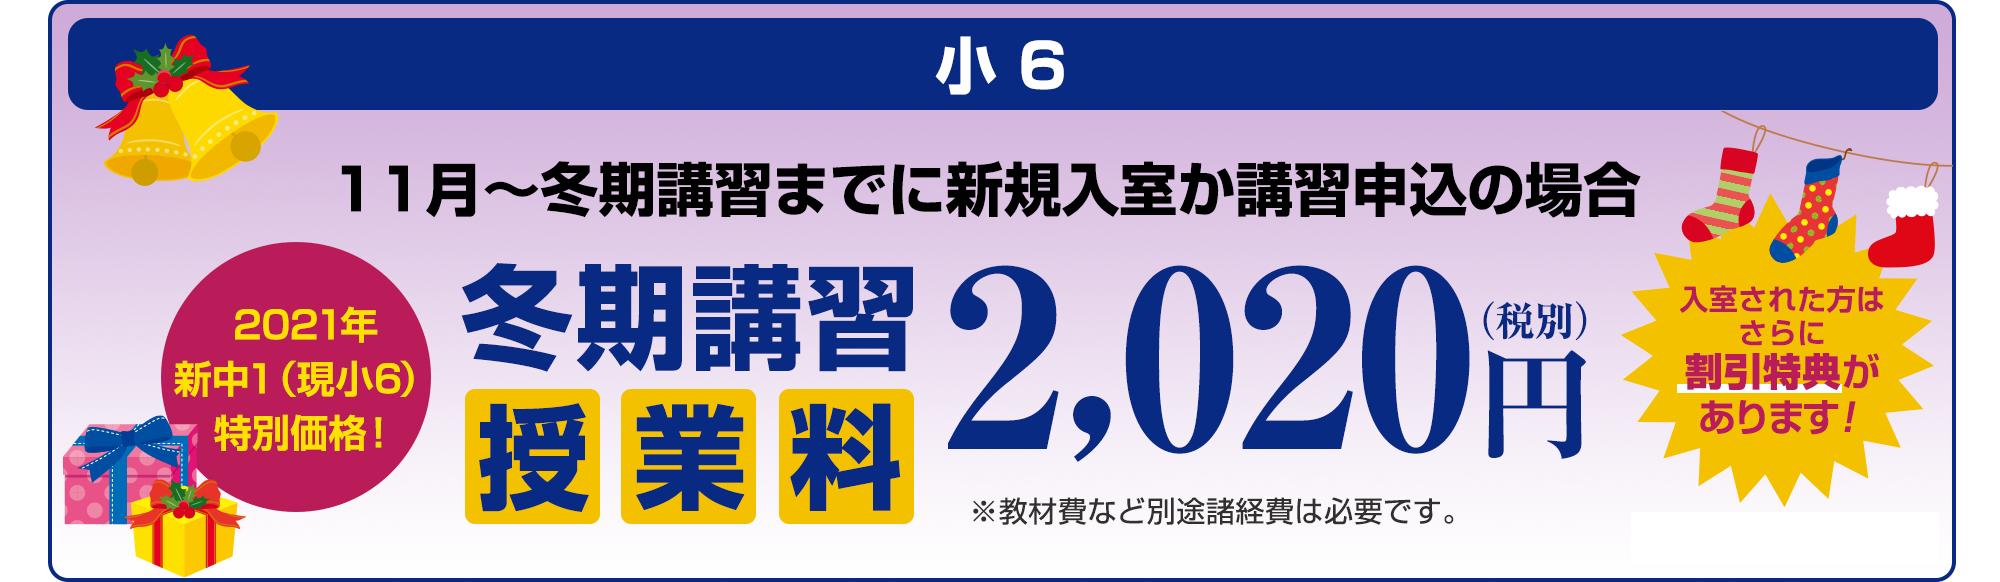 2020冬期講習 小6 受講料2020円